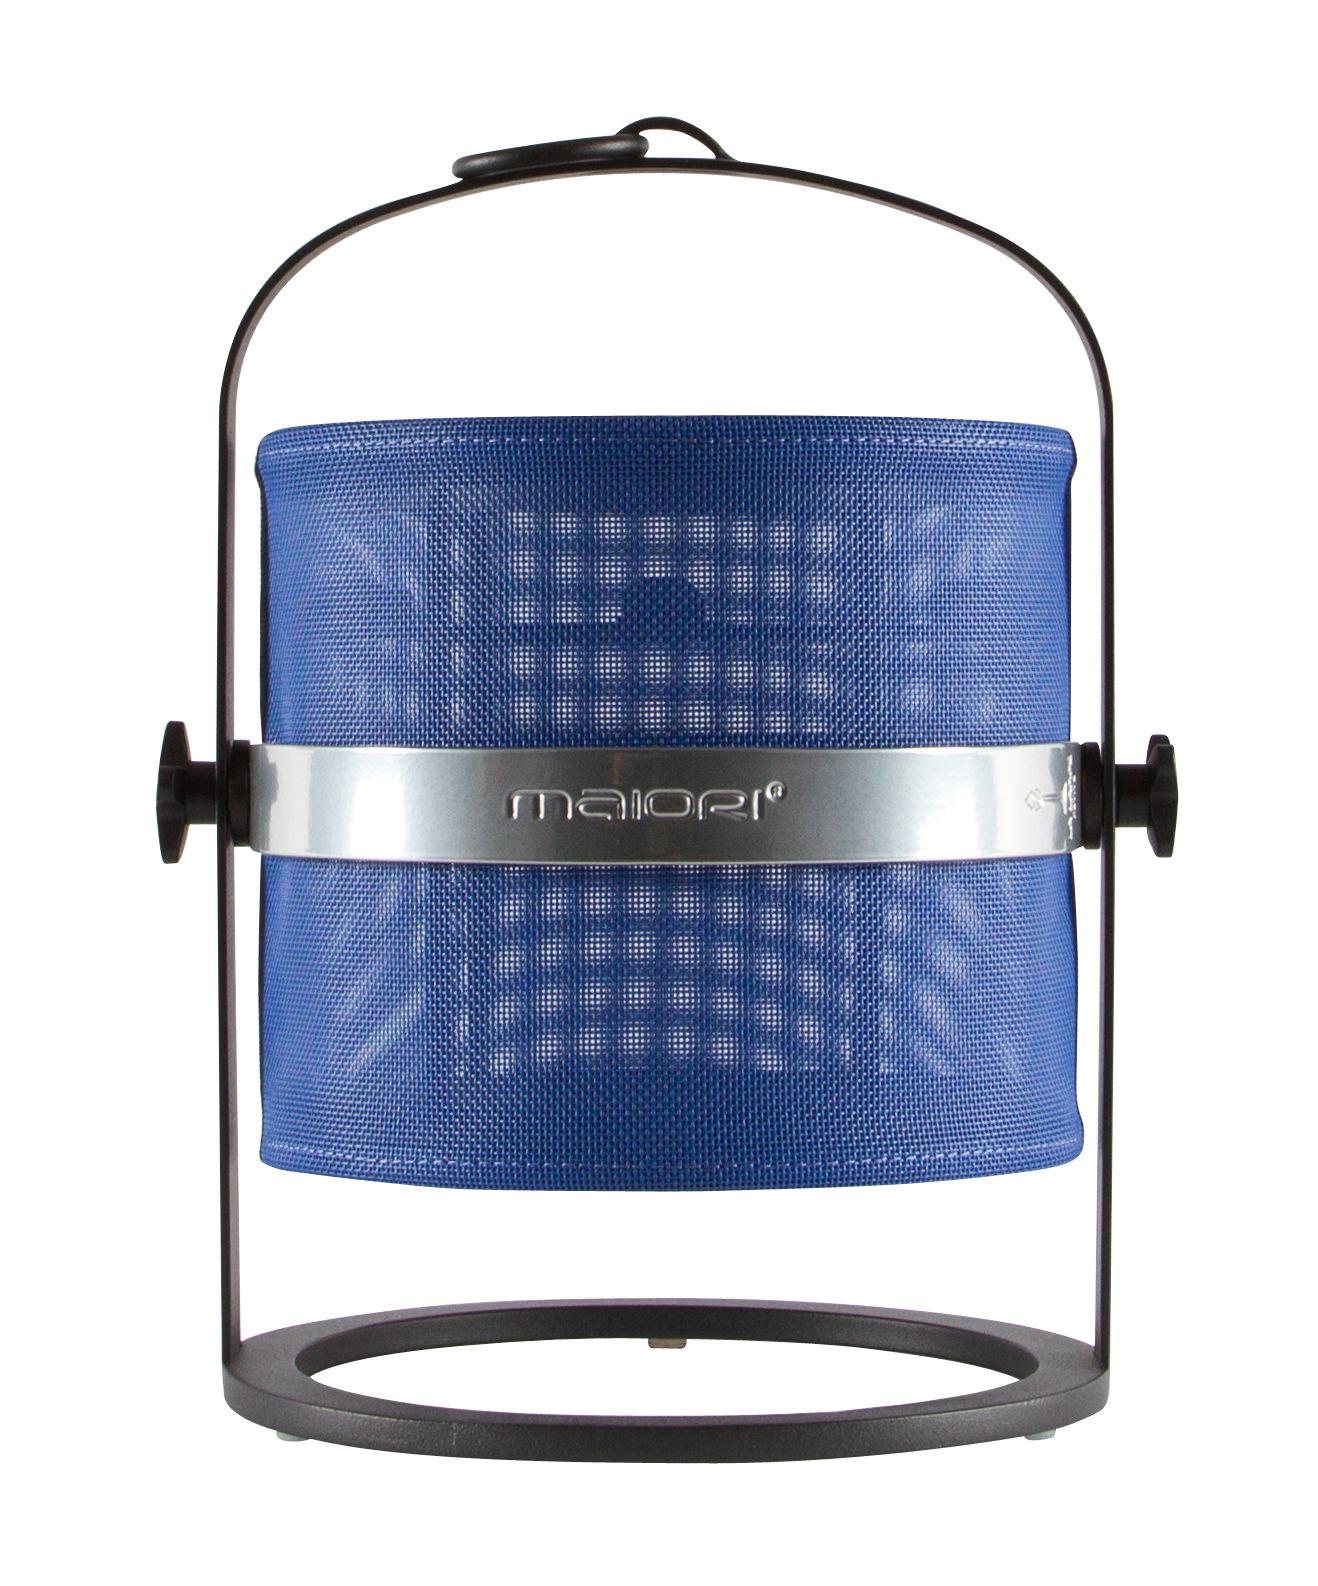 Luminaire - Lampes de table - Lampe solaire La Lampe Petite LED / Sans fil - Dock USB - Structure noire - Maiori - Bleu Marine / Structure noire - Aluminium, Tissu technique